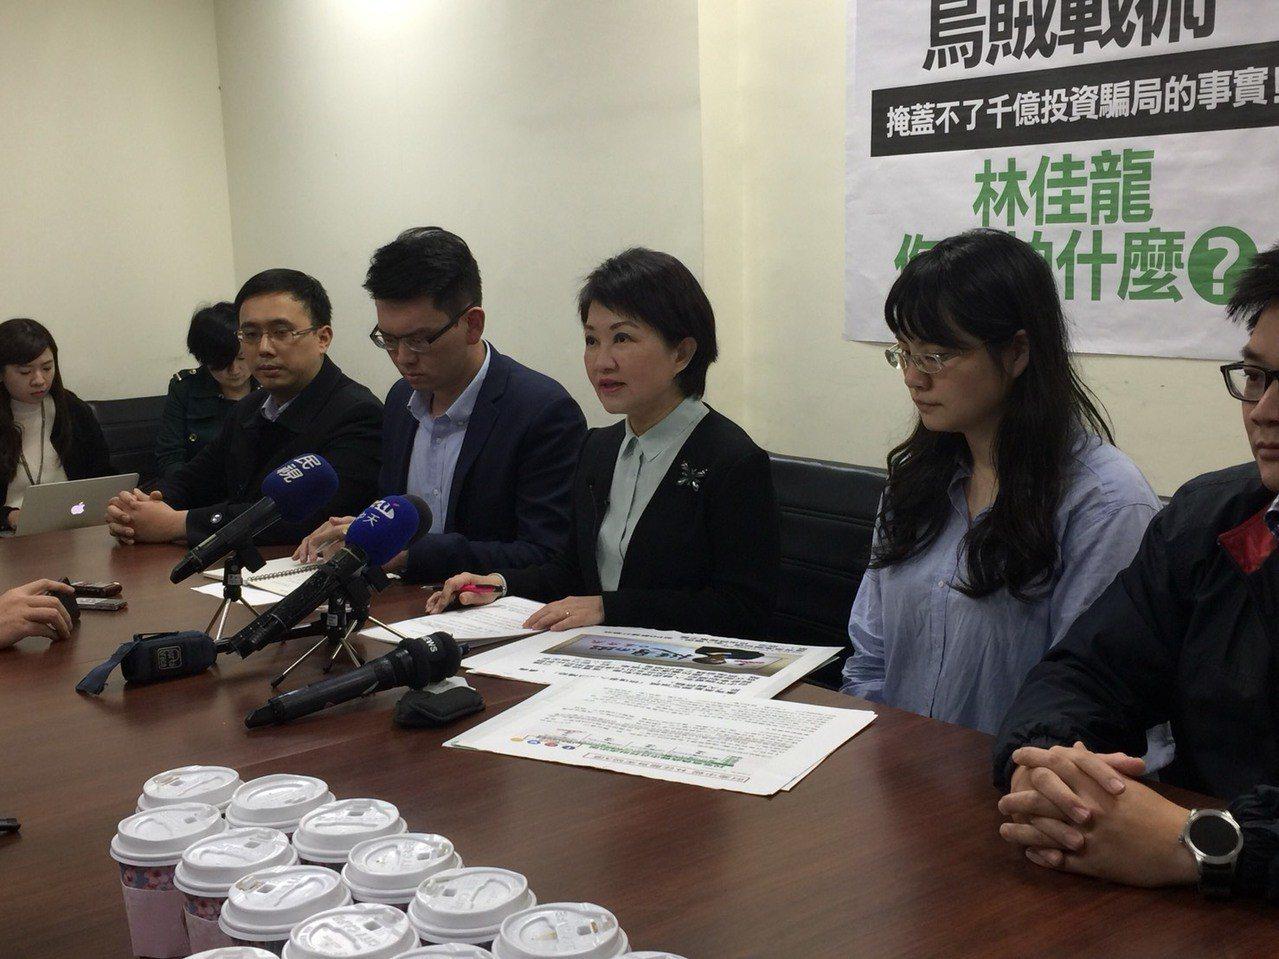 國民黨立委盧秀燕下午舉行記者會。記者鄭媁/攝影